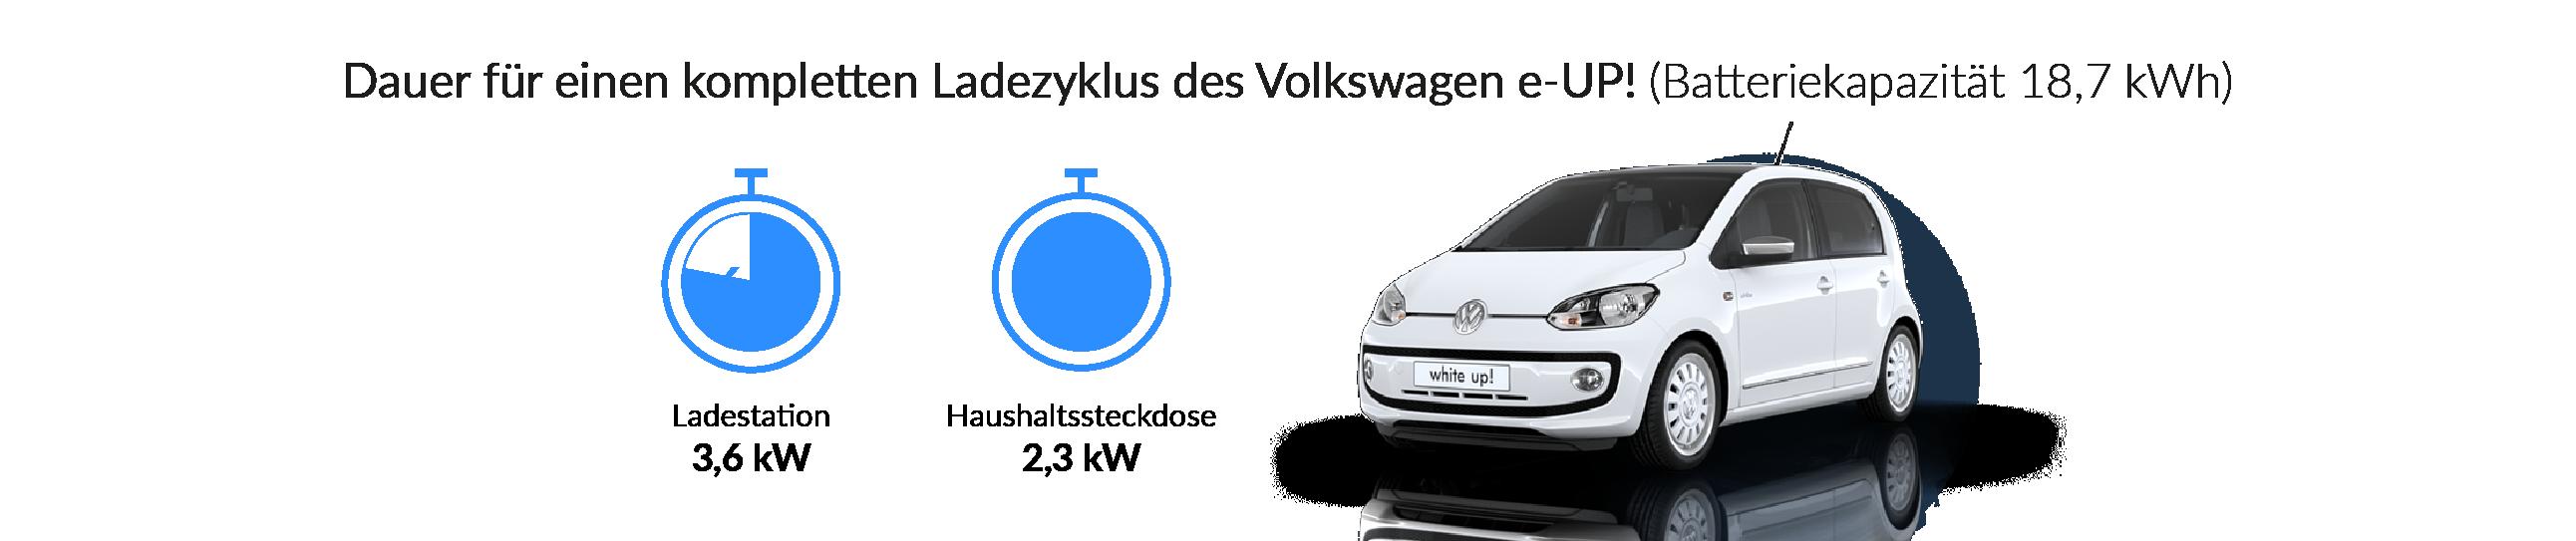 Ladezeiten des Volkswagen e-up!